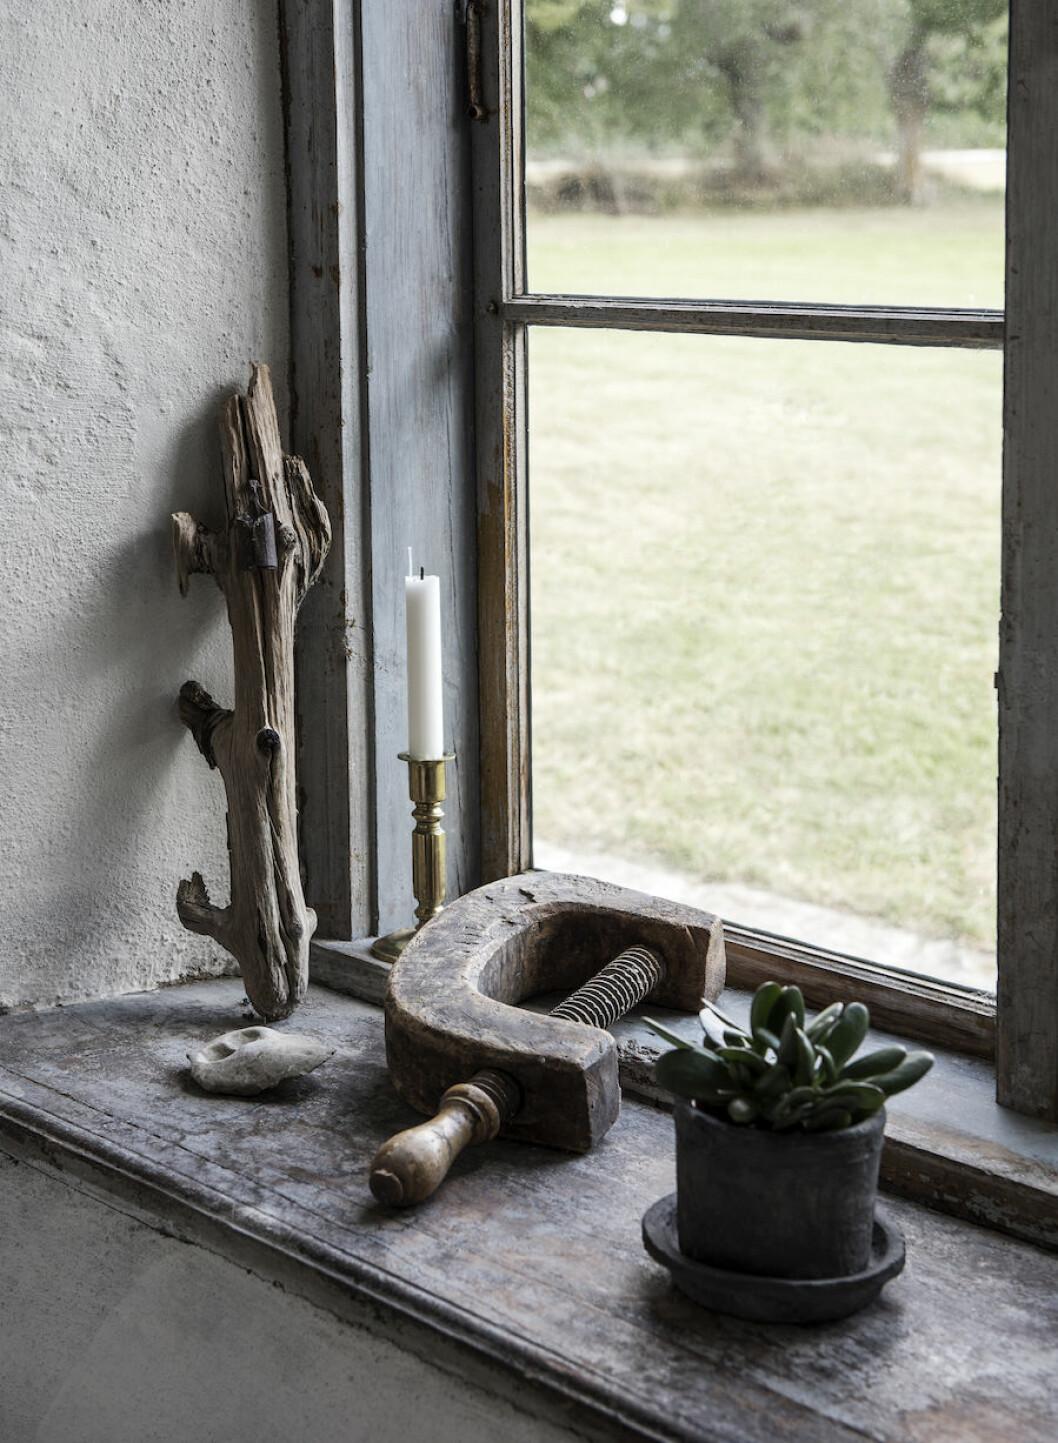 Antik tving och växter hemma hos Johan Lindskog och Joanna Sundström.